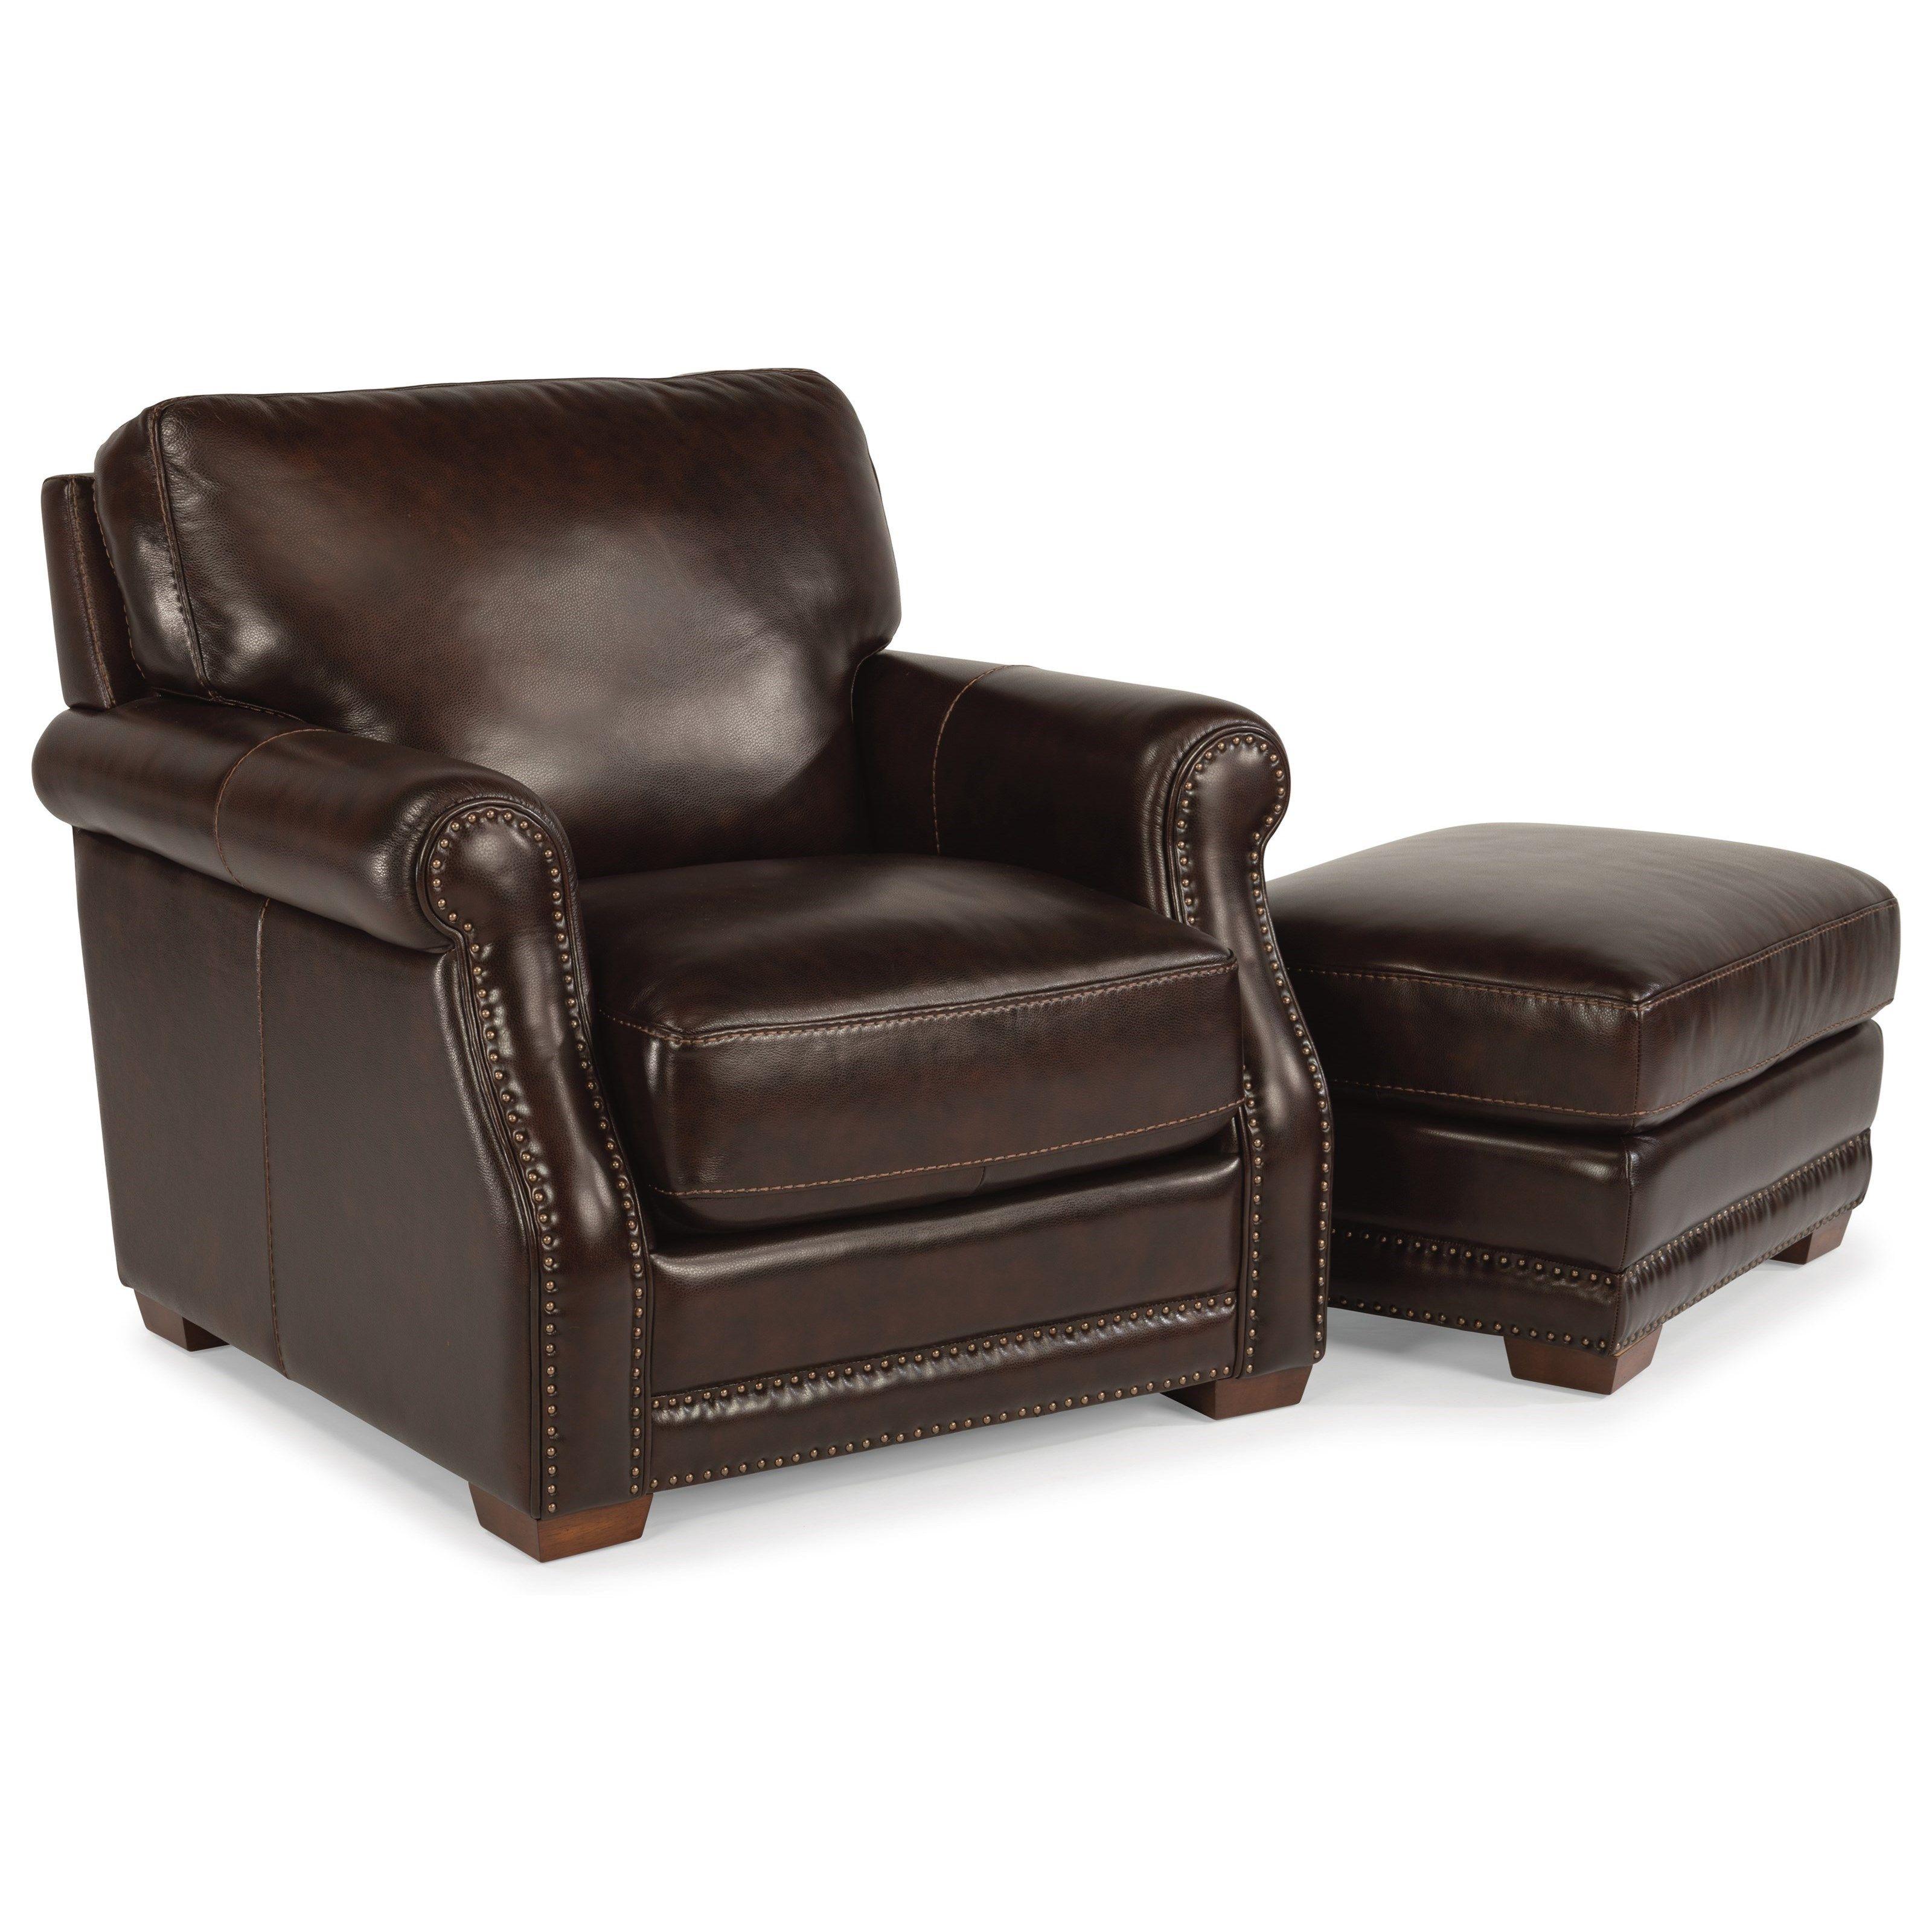 LatitudesChandler Chair and Ottoman Set by Flexsteel